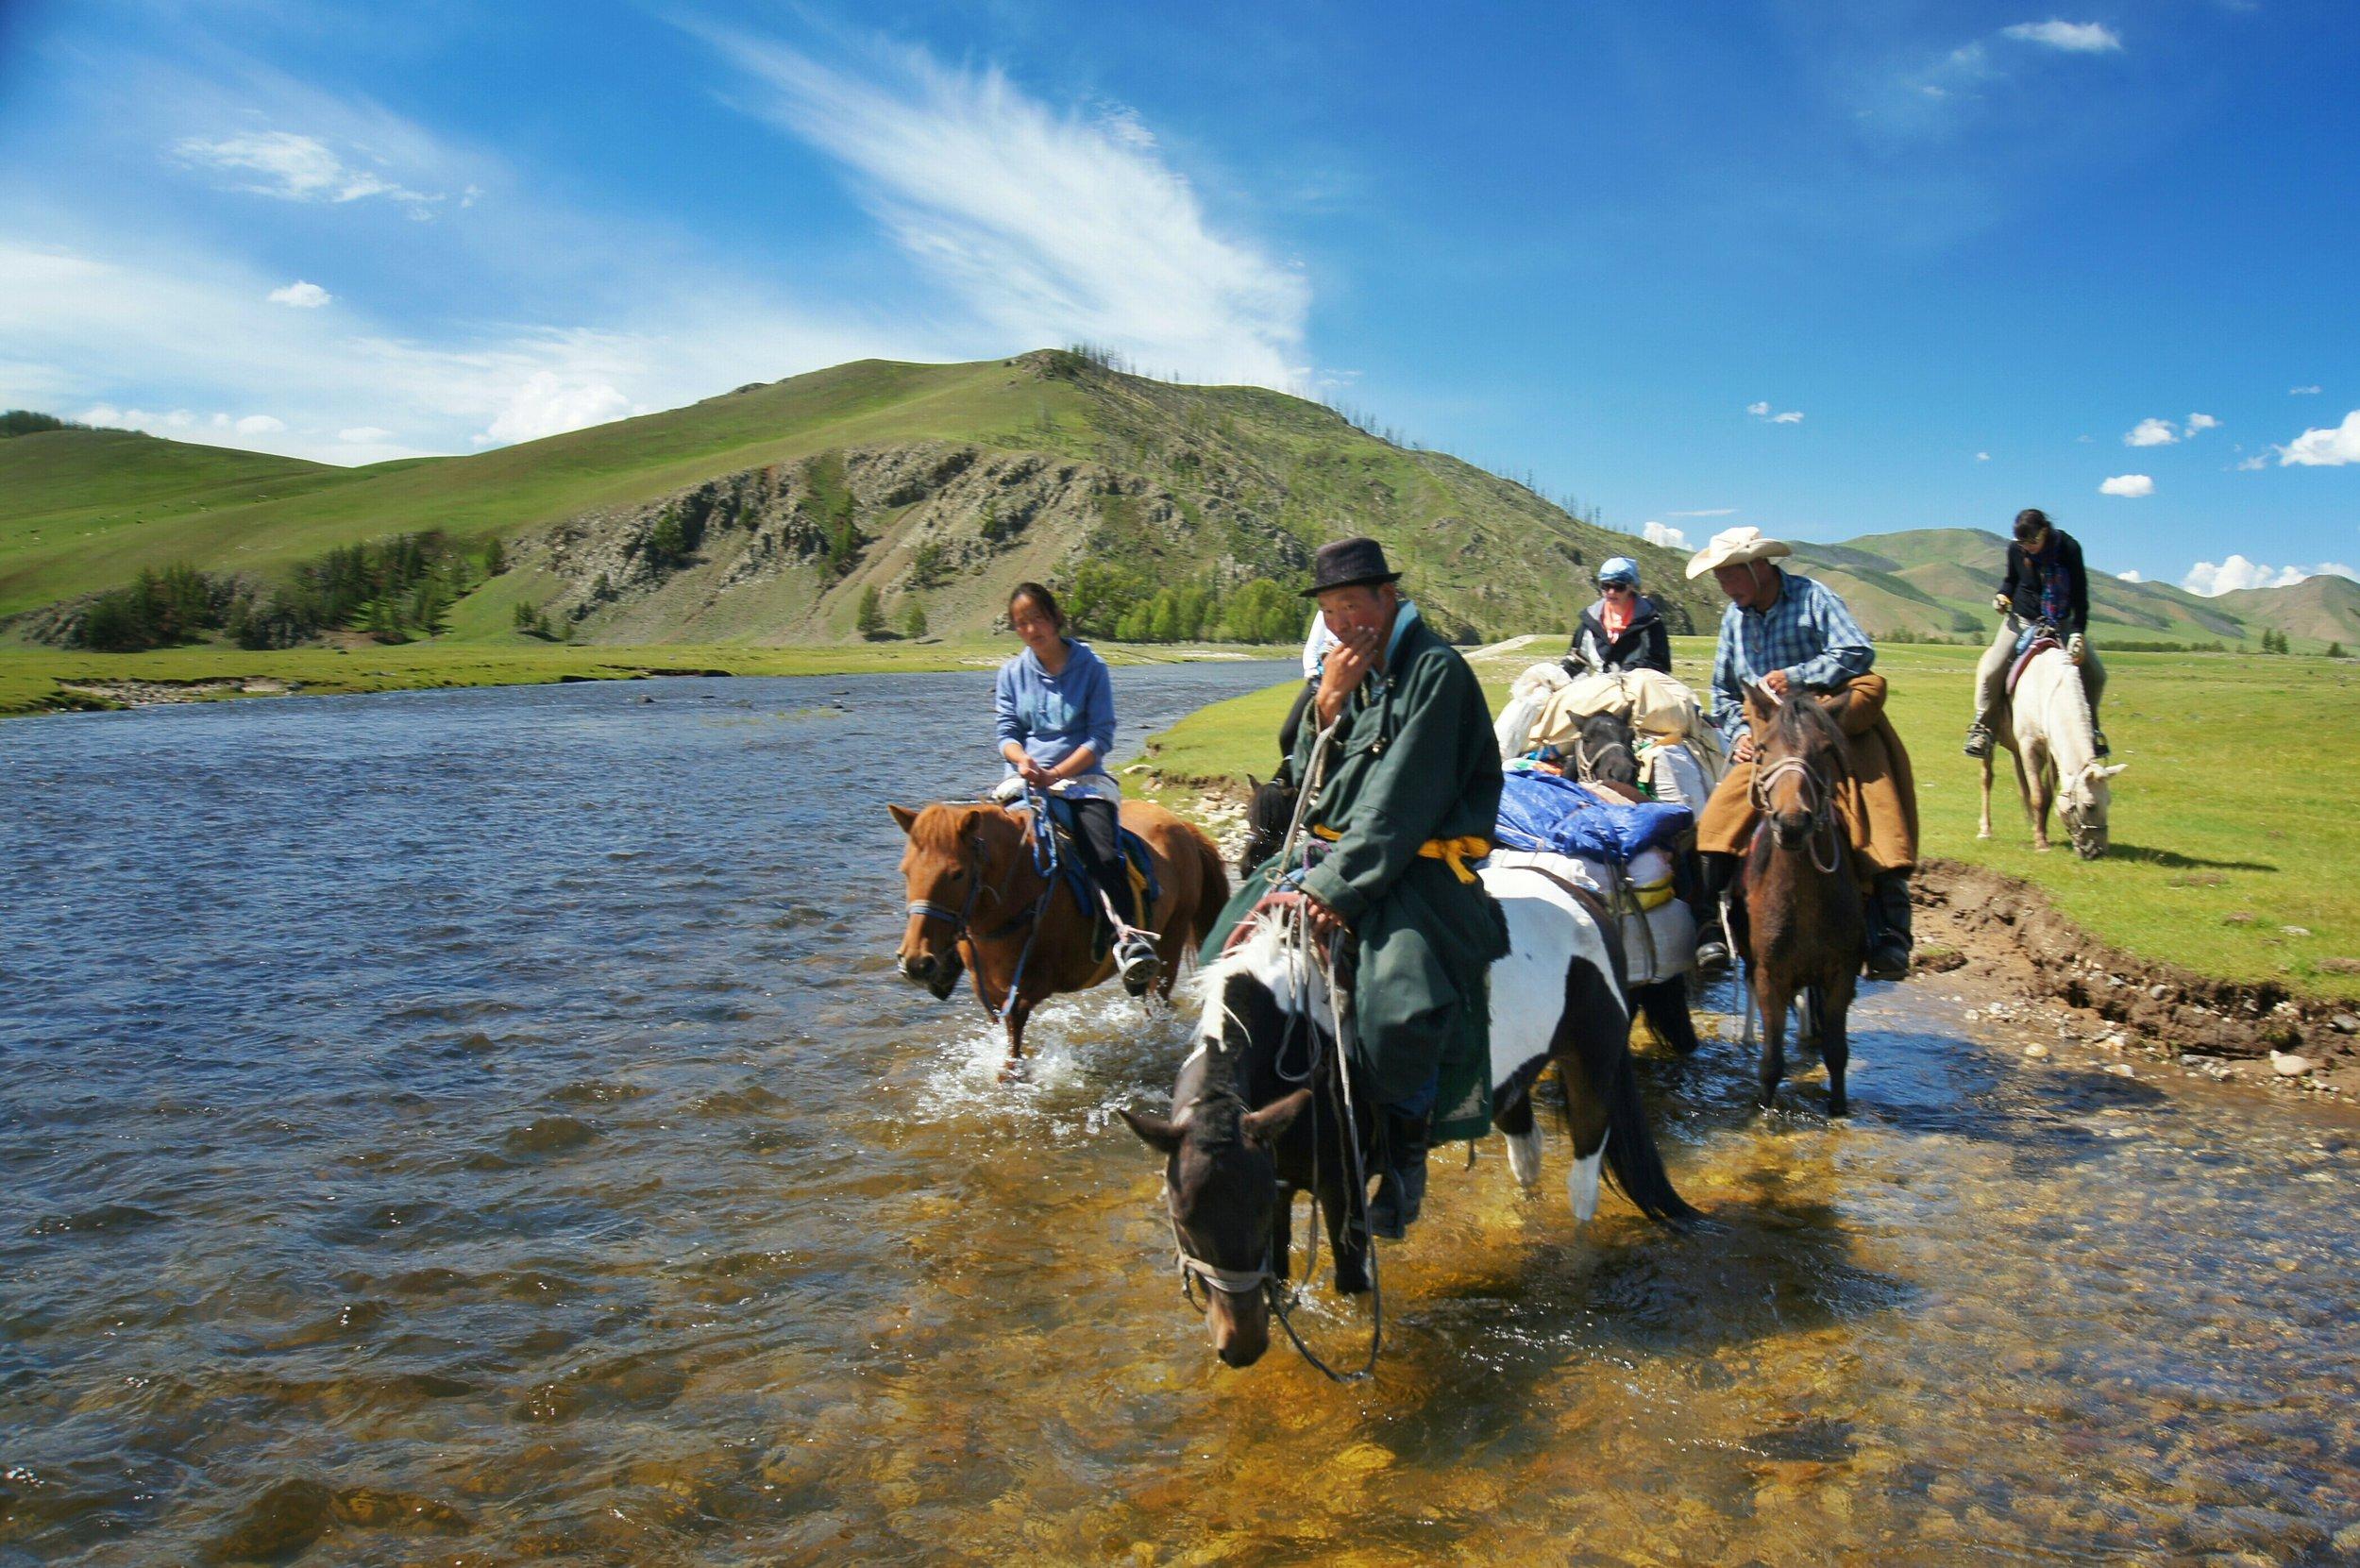 Horseback Riding. Photo courtesy of NotesofNomads